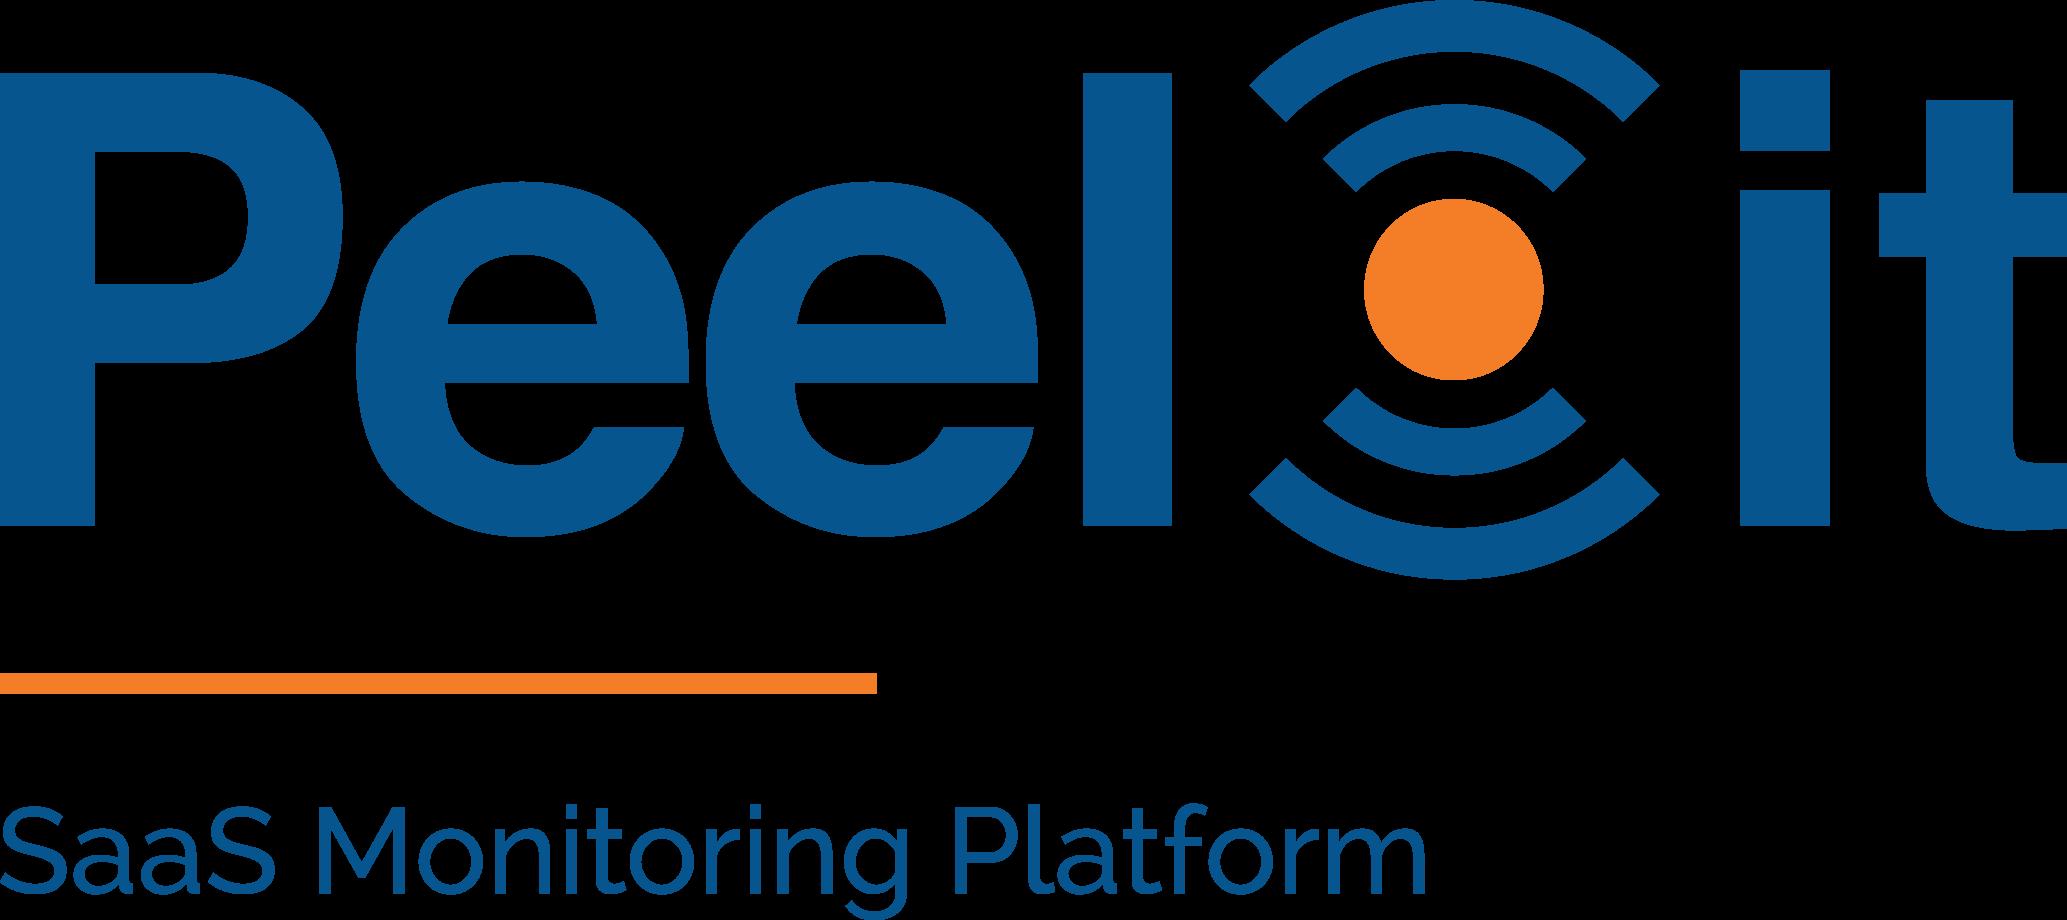 Peel-IT